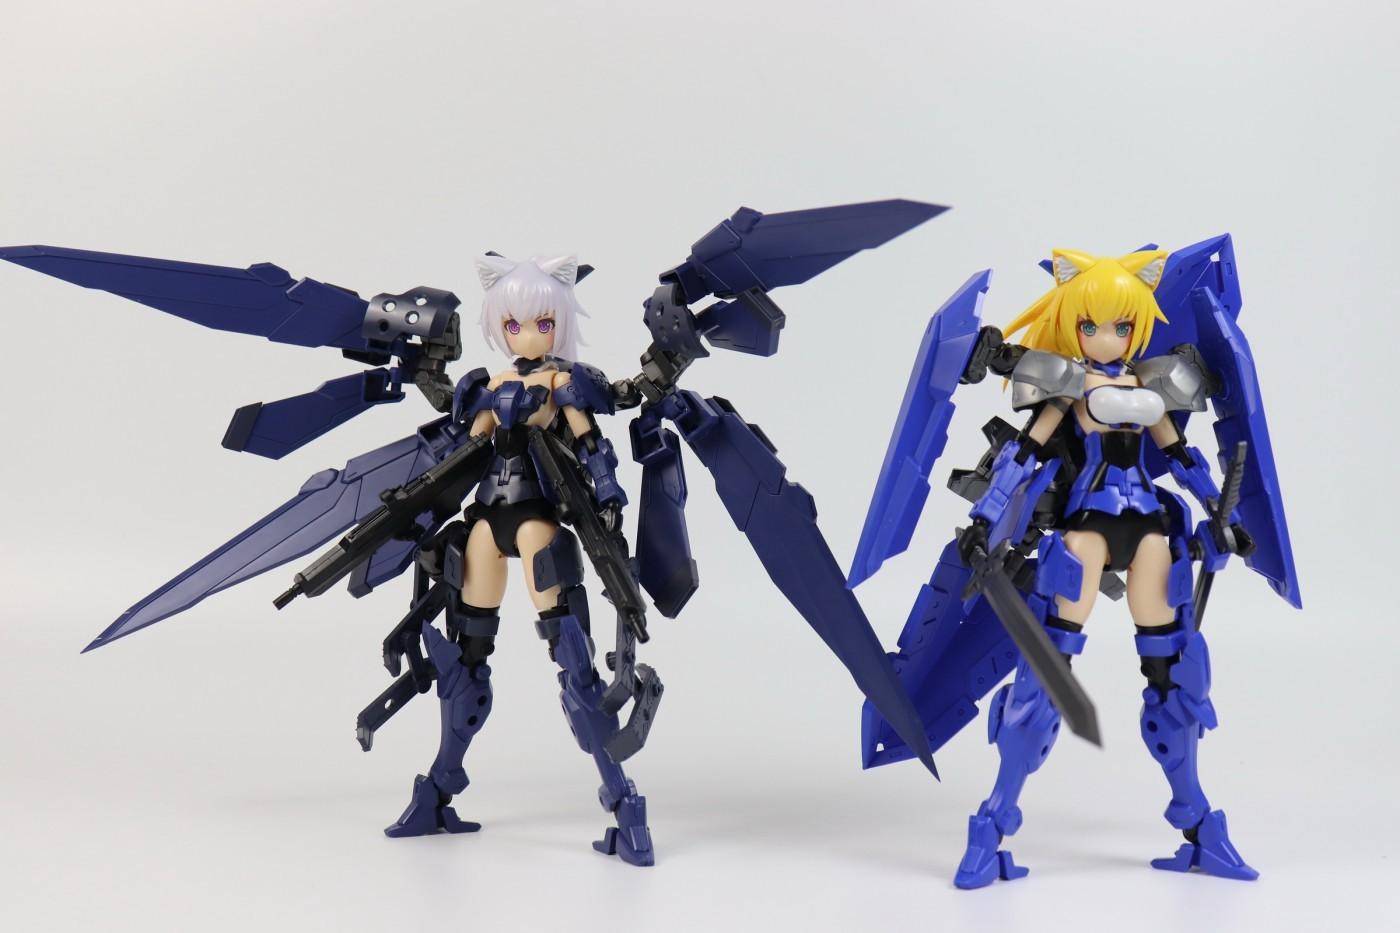 S273_Pretty_Armor_inask_077.jpg